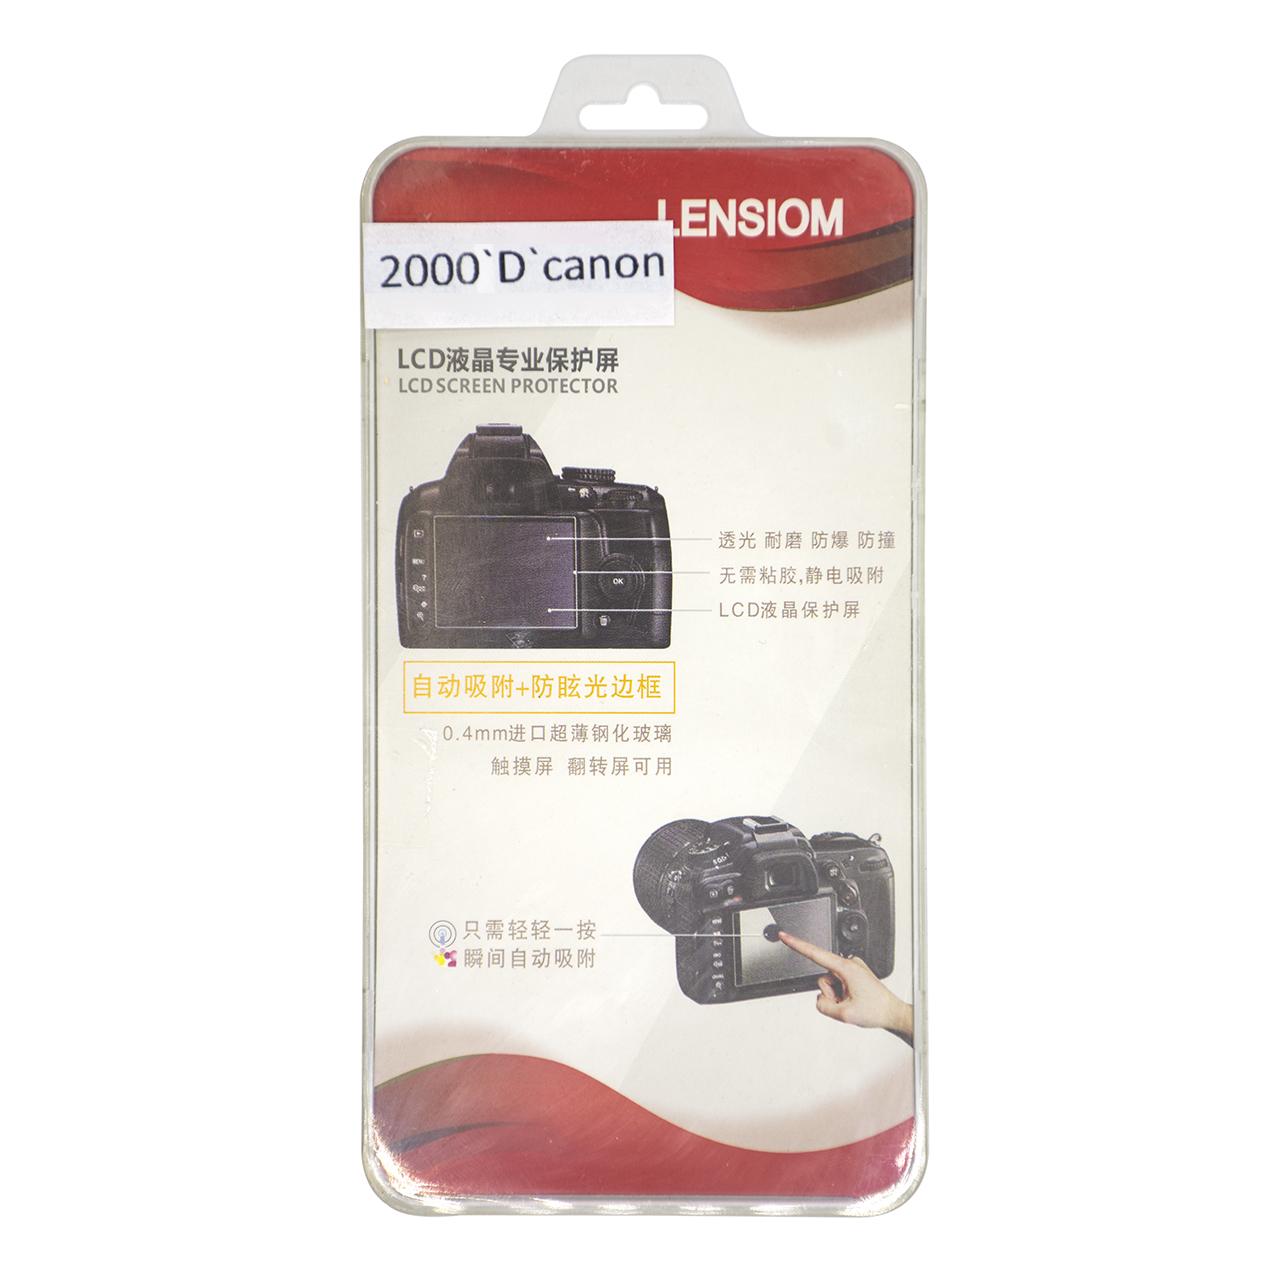 محافظ صفحه نمایش دوربین لنزیوم مدل L2000D مناسب برای کانن 2000D